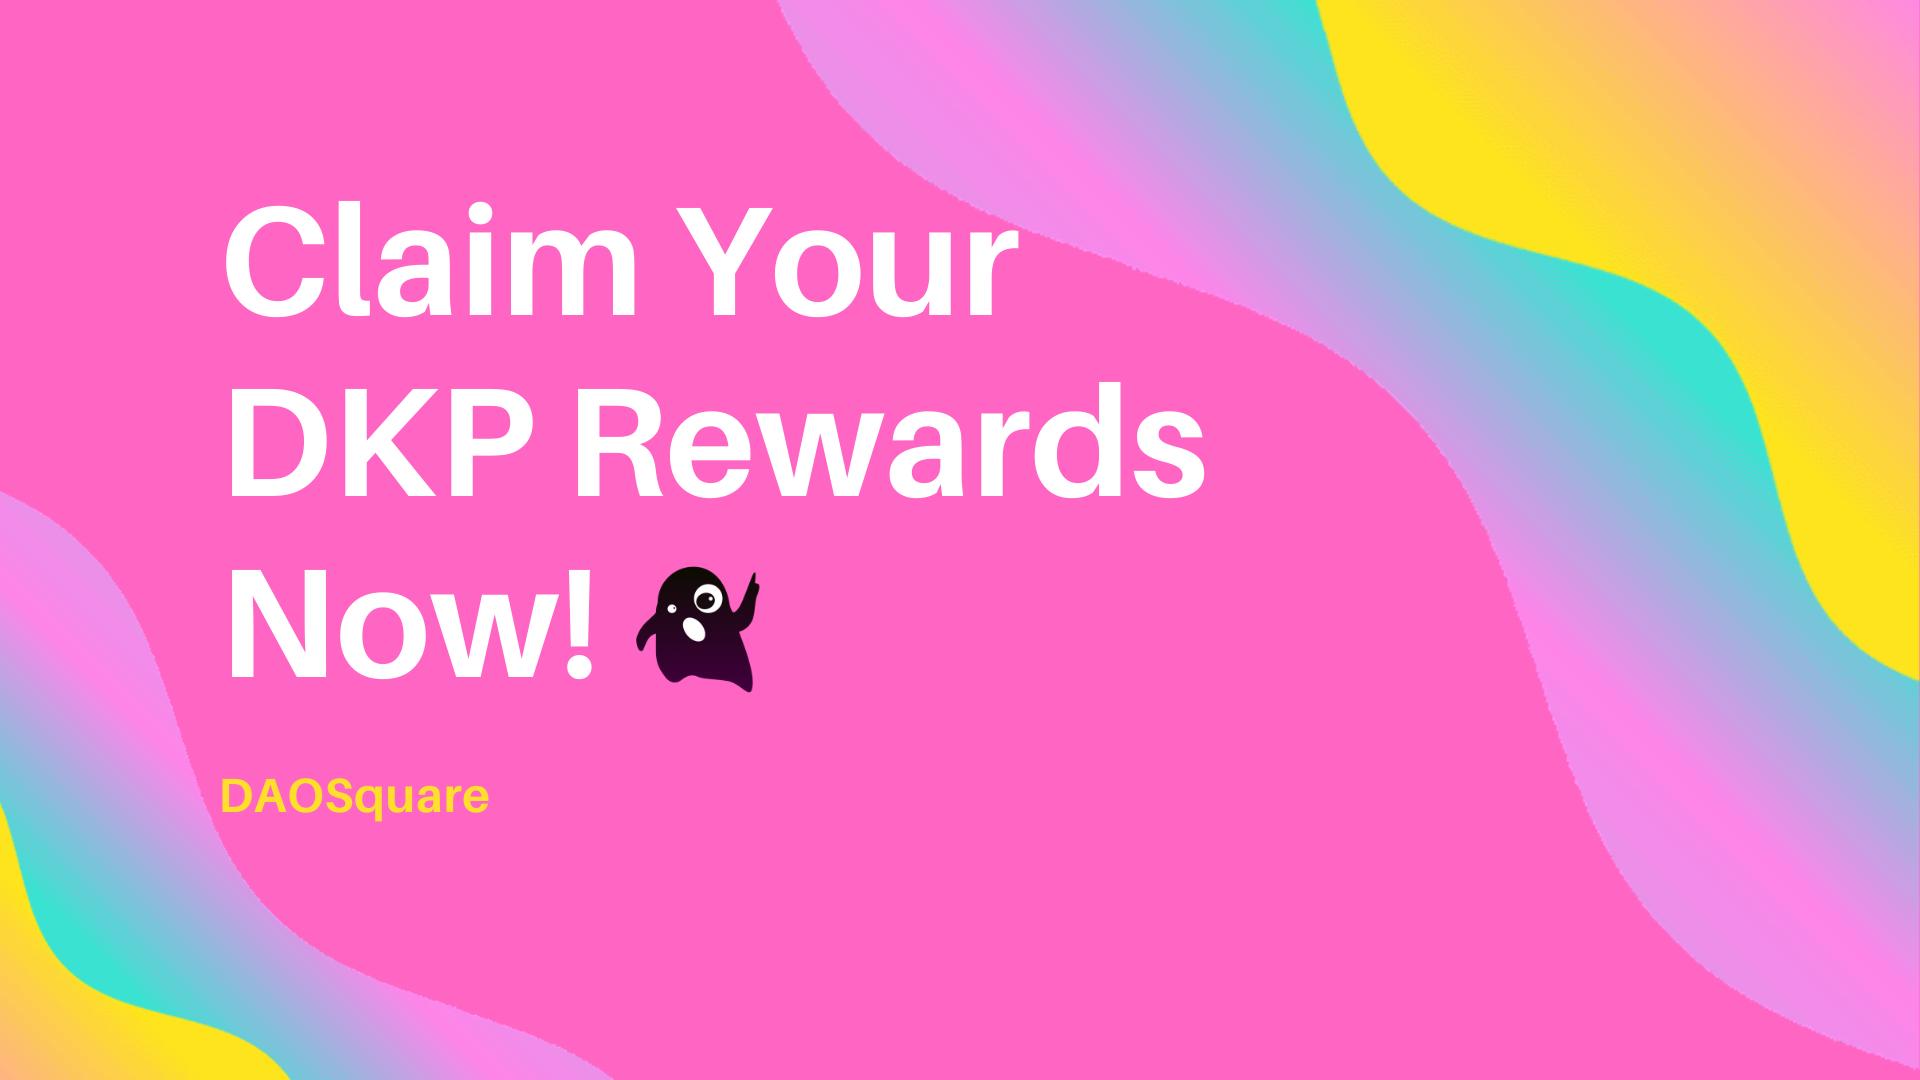 DKP奖励领取教程